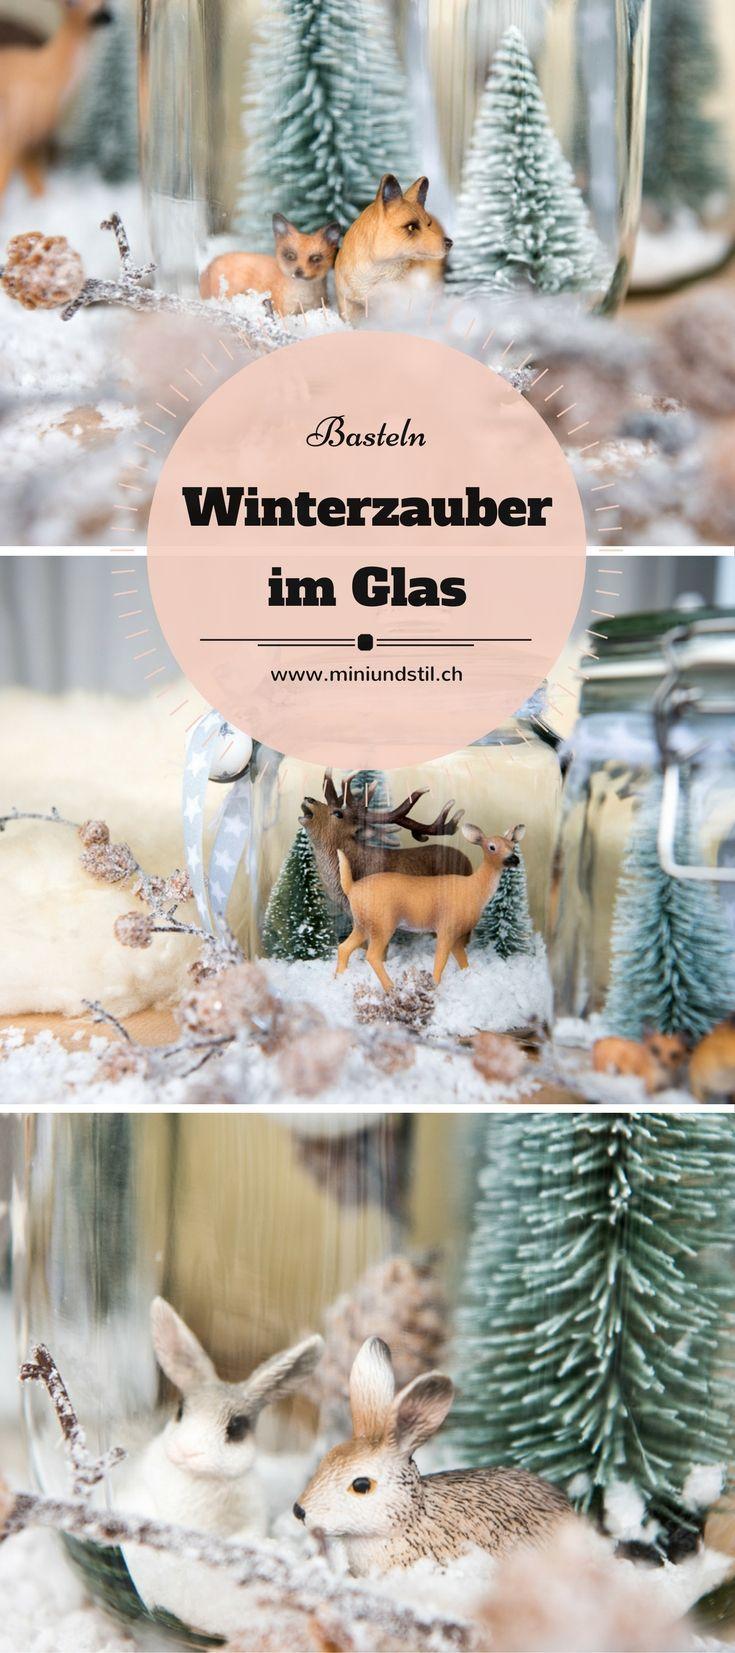 Wir basteln eine winterlandschaft blog mini stil - Winterlandschaft deko ...